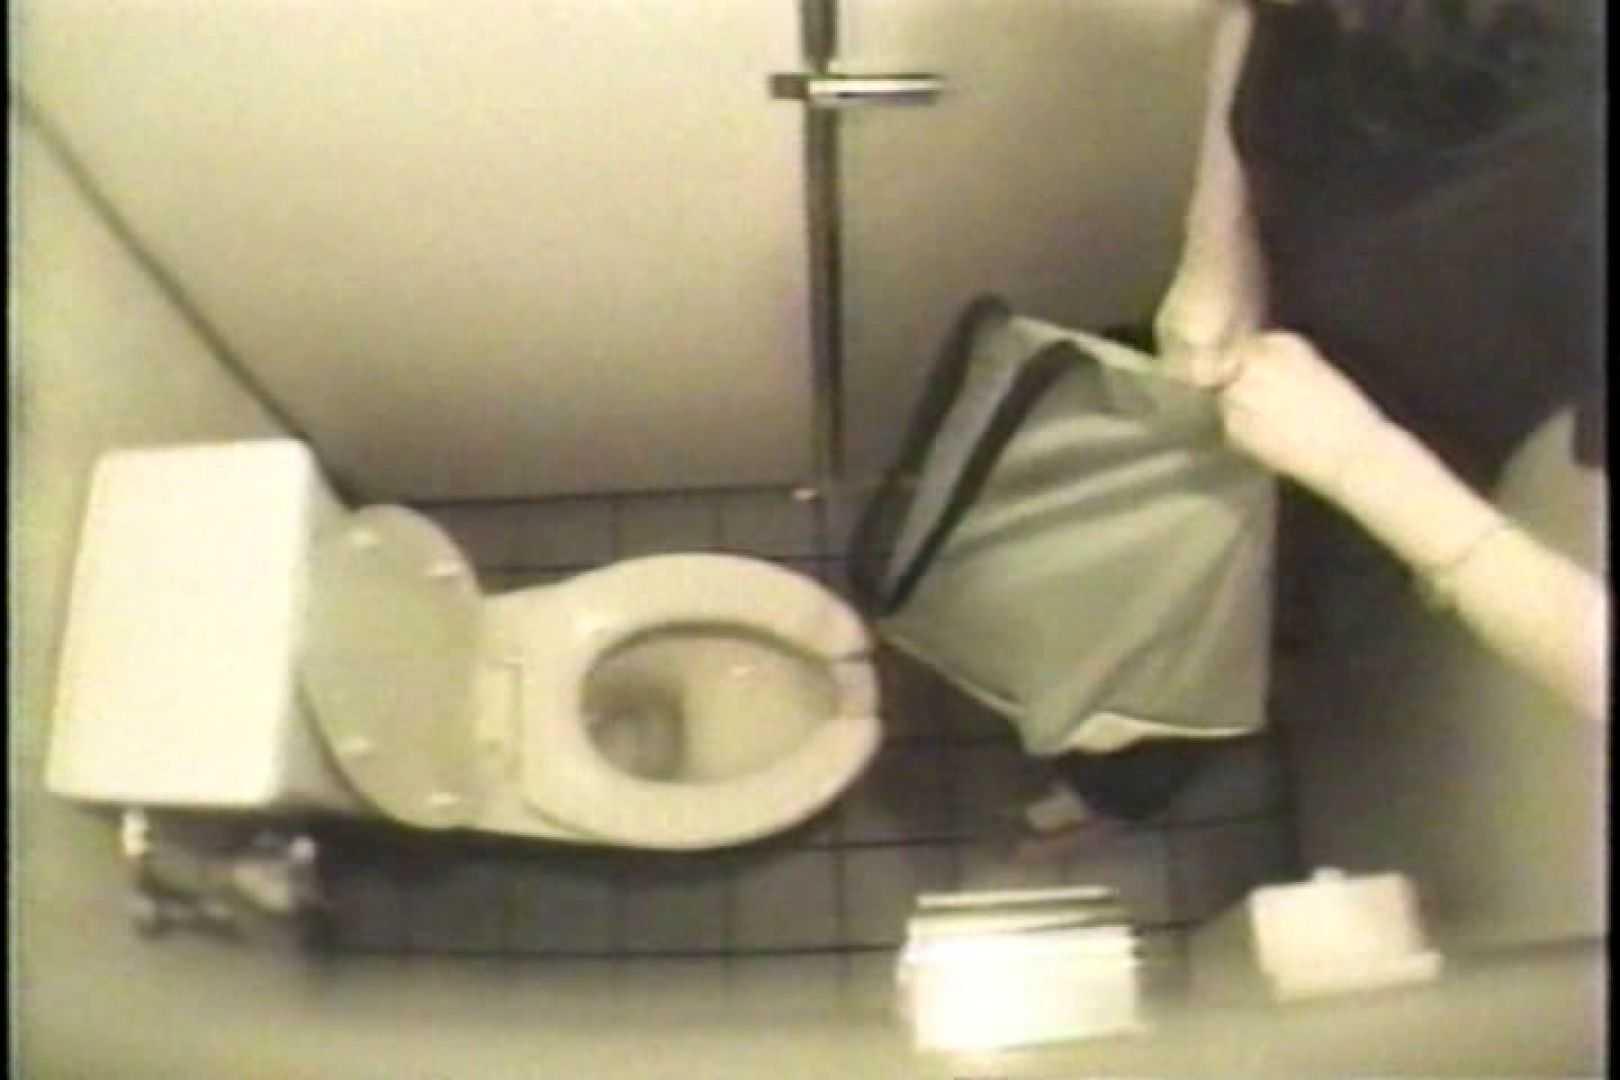 盗撮 女子洗面所3ヶ所入ってしゃがんで音出して 盗撮 おまんこ無修正動画無料 67pic 54